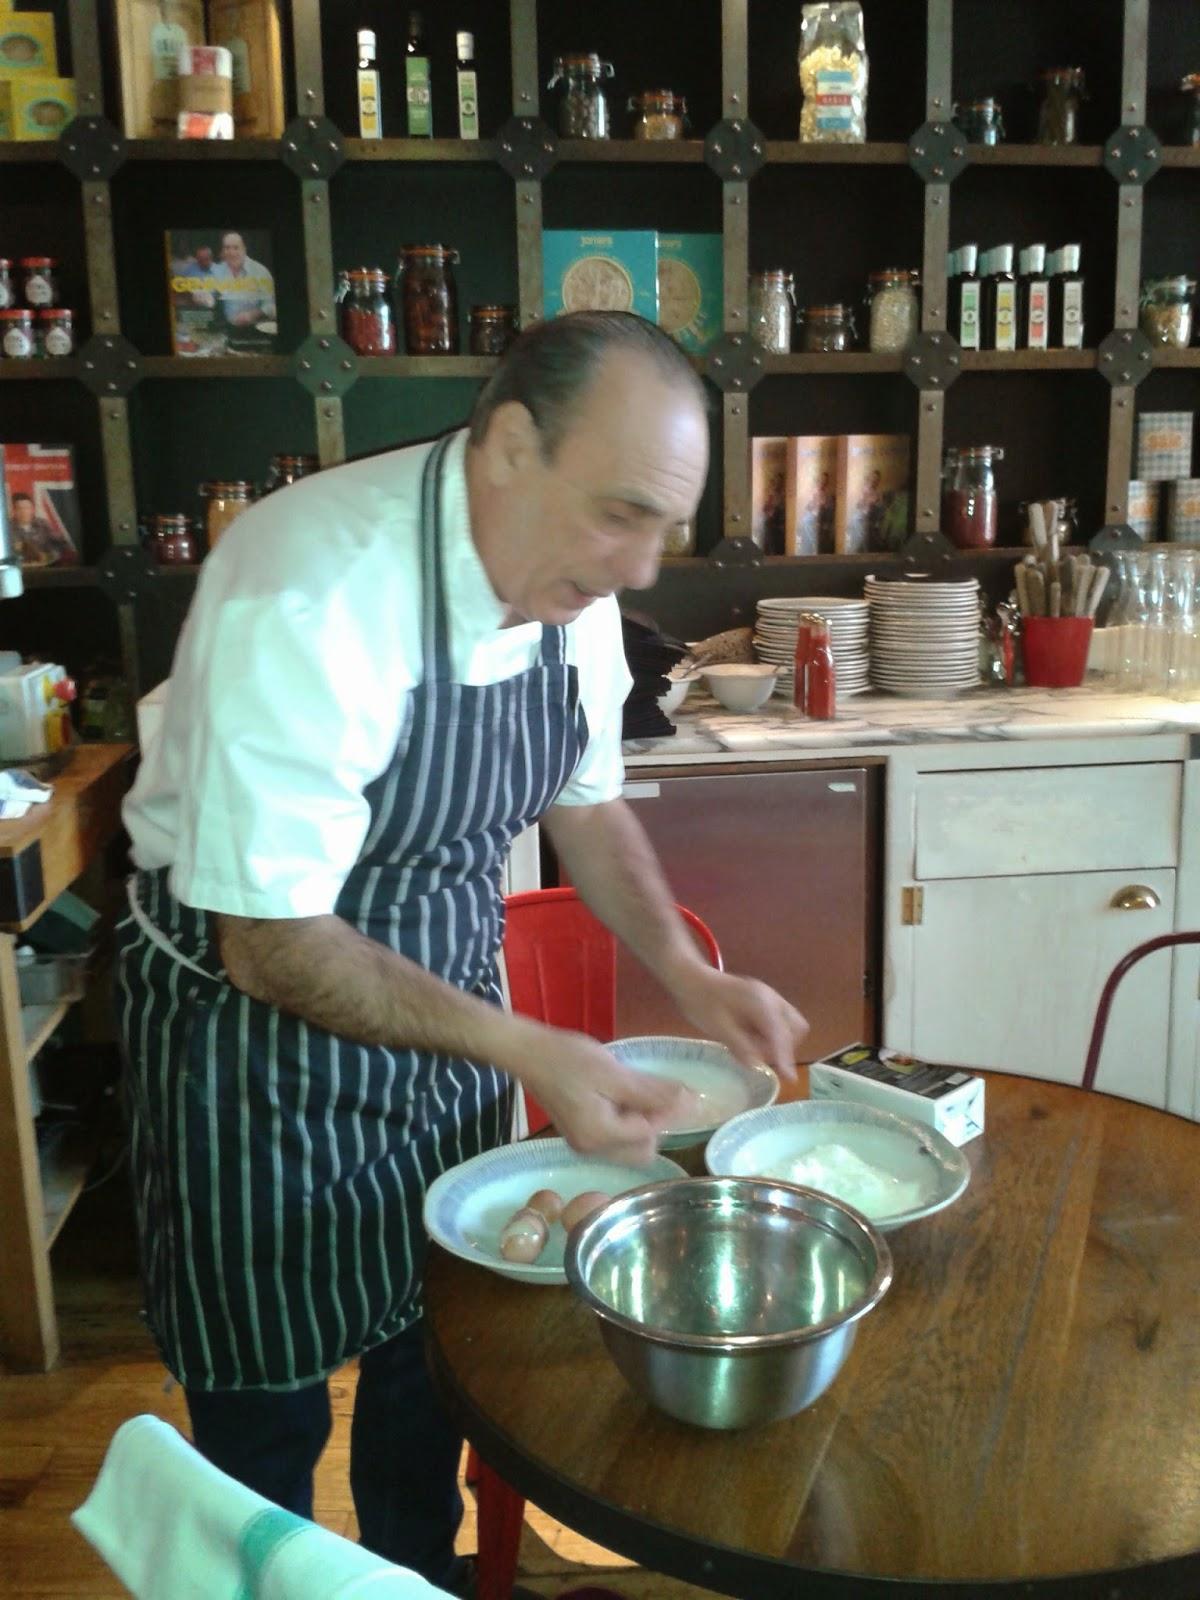 Gennaro Contaldo making pasta